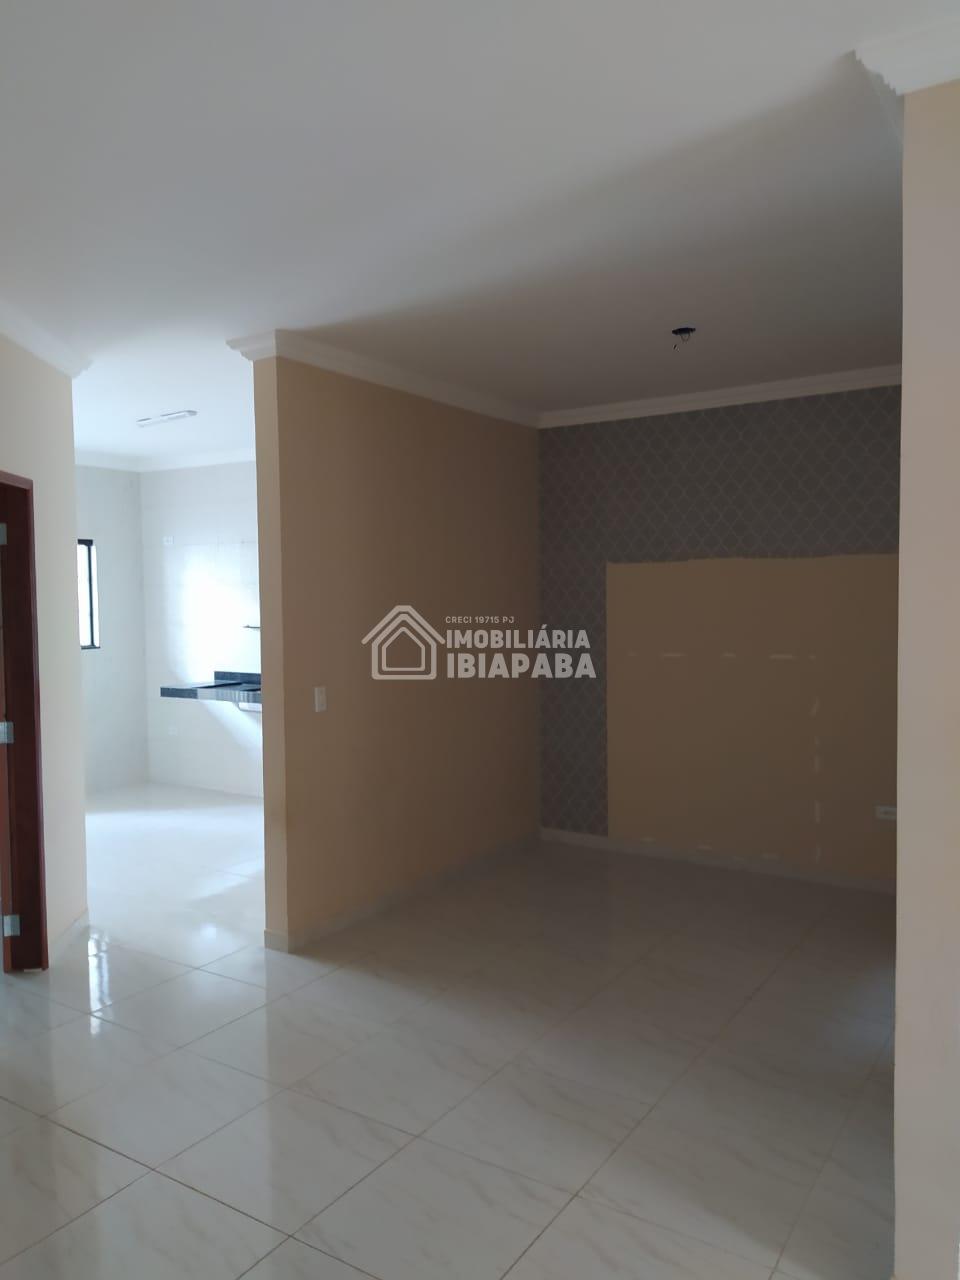 Imobiliária Ibiapaba em São benedito